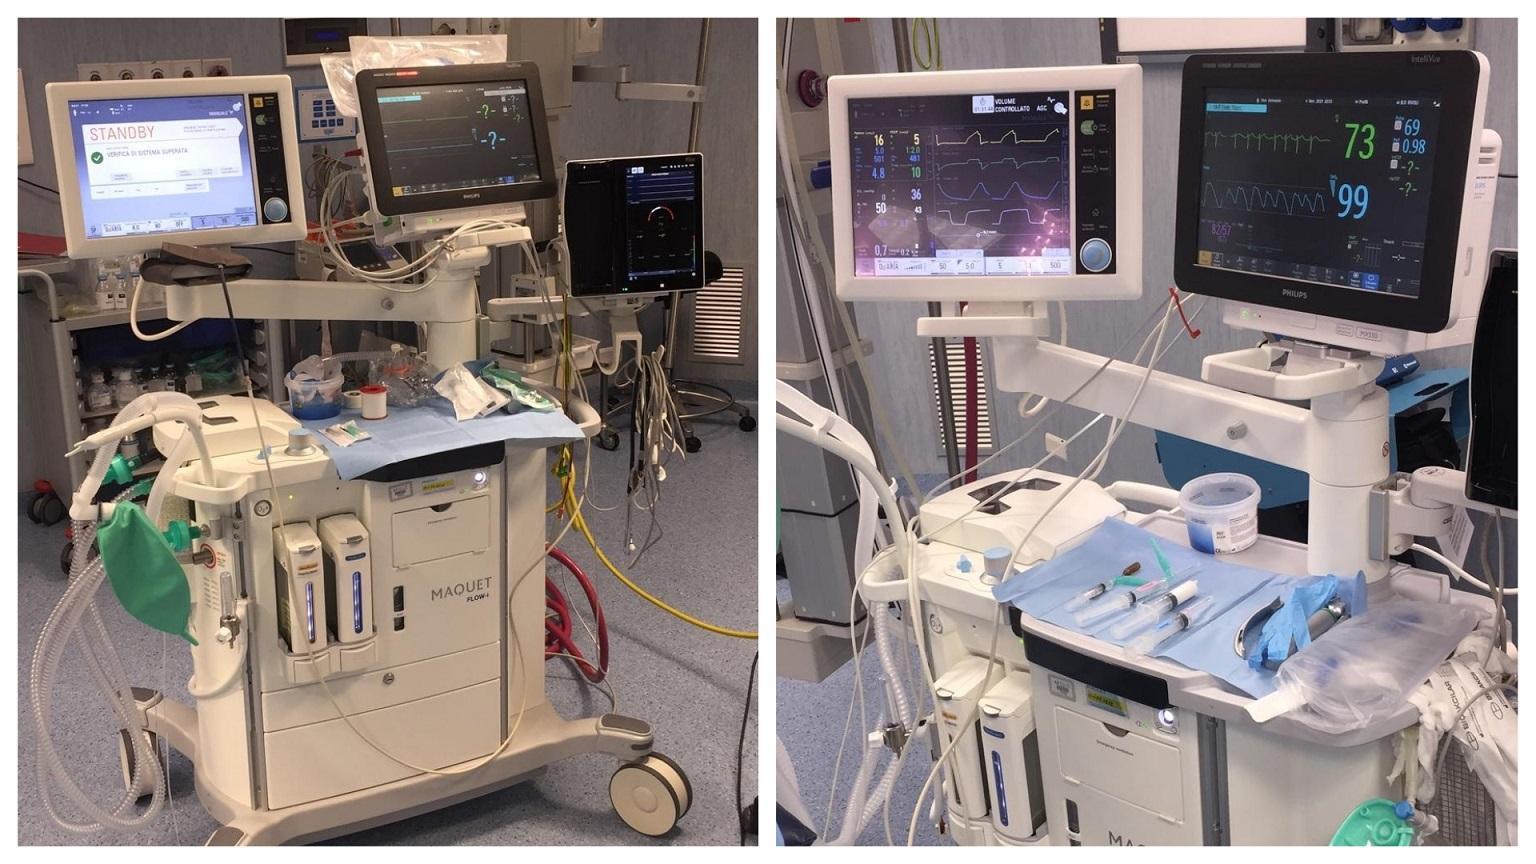 Sale operatorie e terapia intensiva: nuove tecnologie a Pinerolo e Rivoli - IdeaWebTv